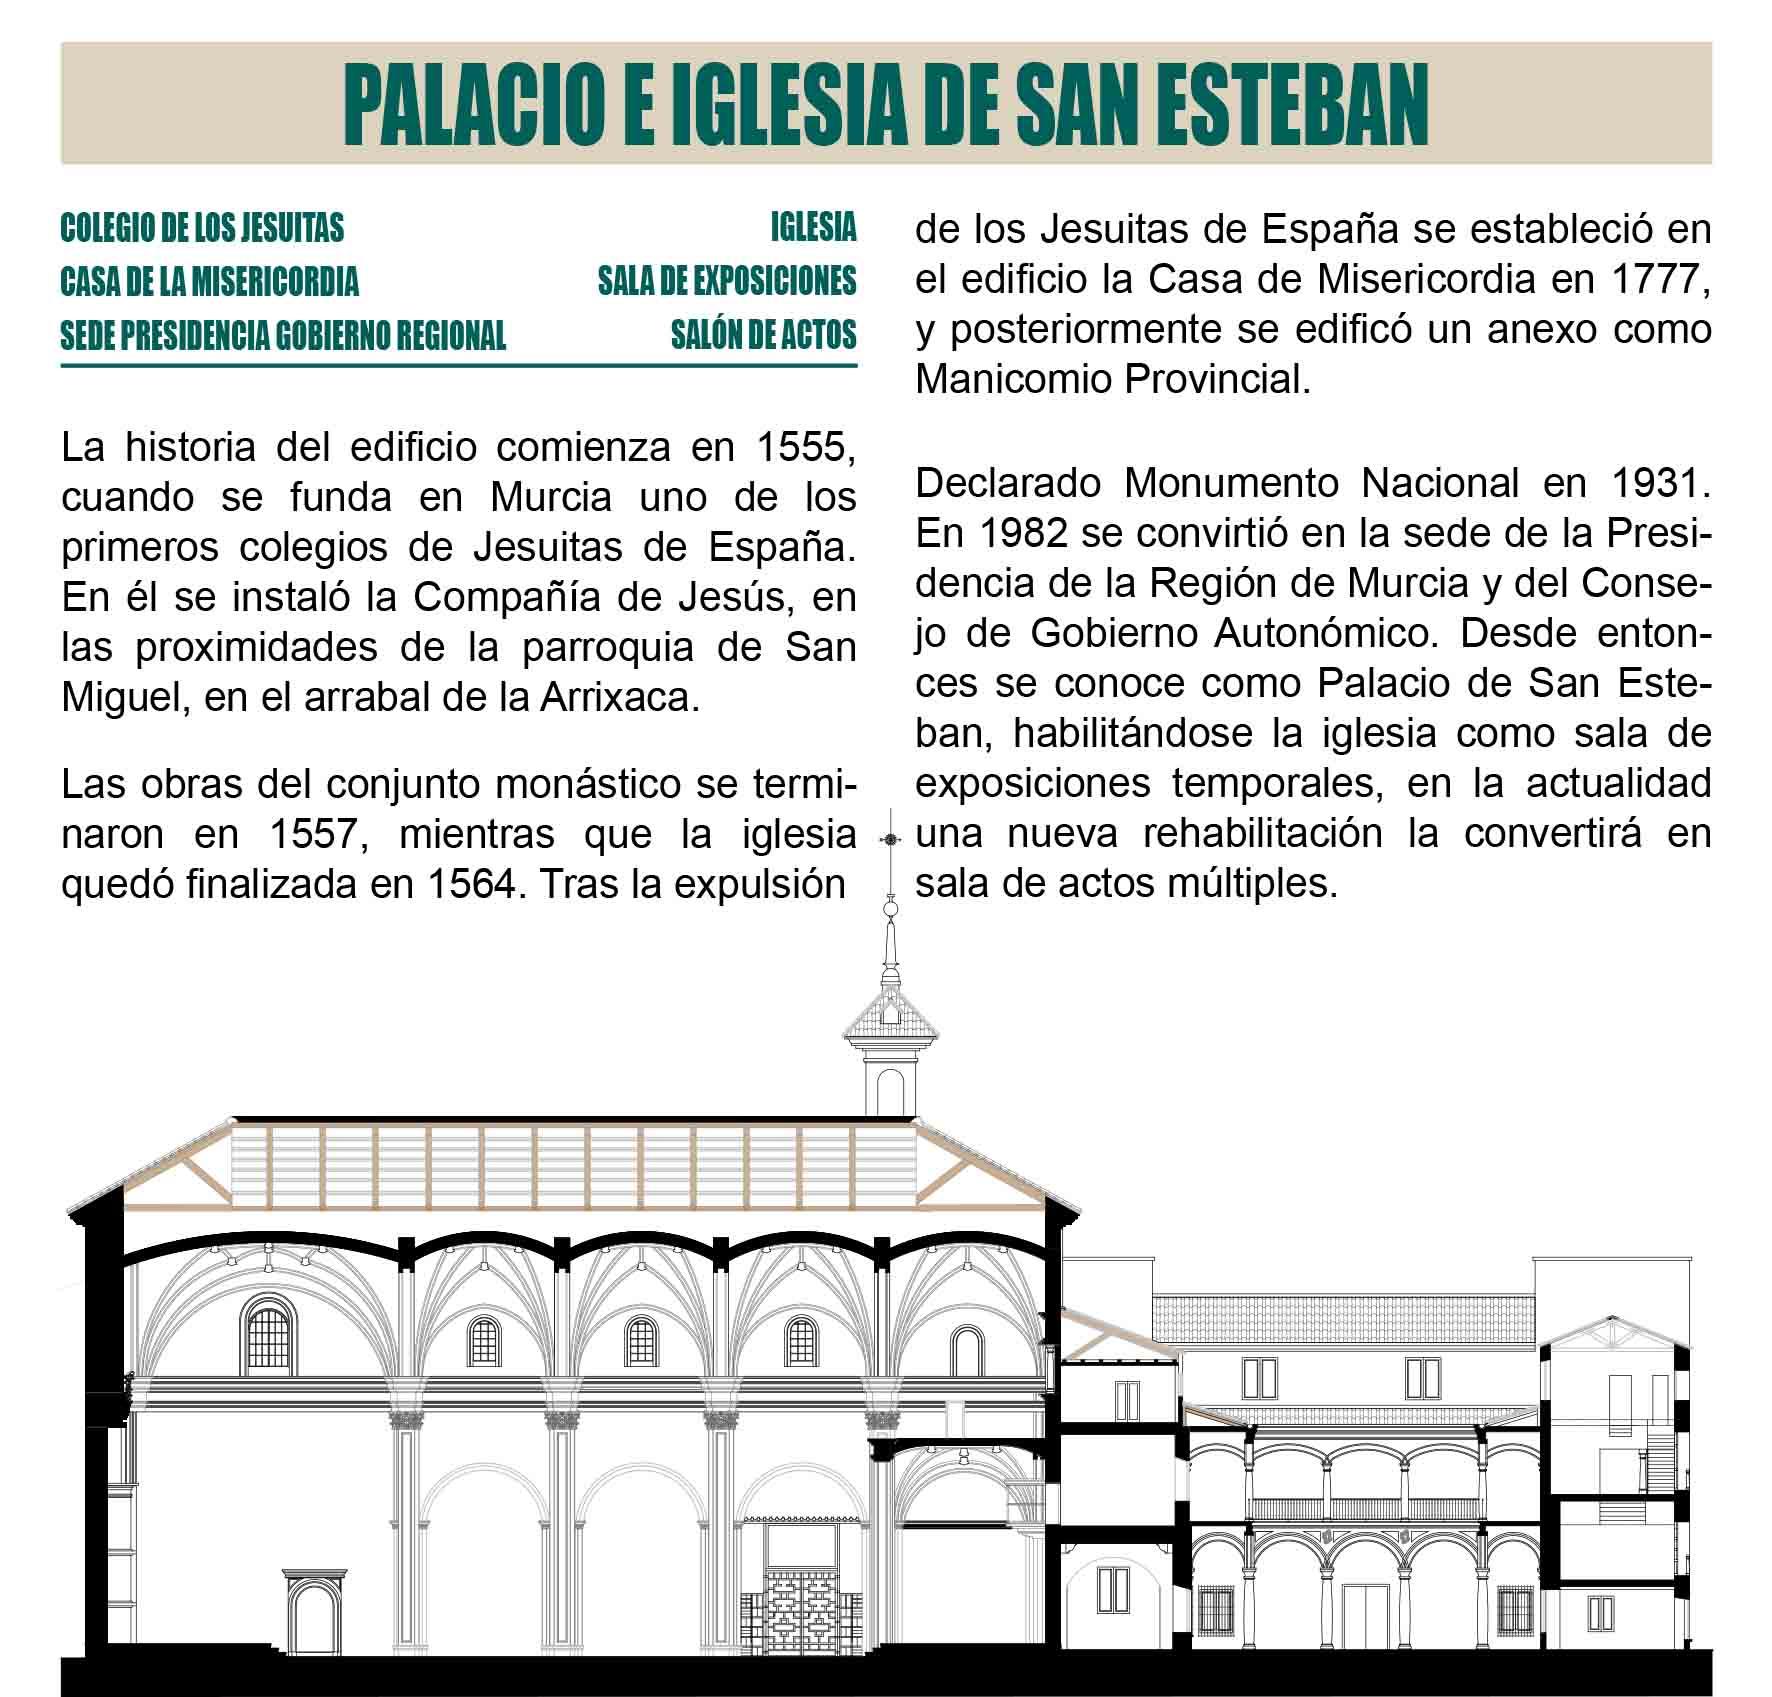 Palacio e Iglesia de San Esteban Murcia